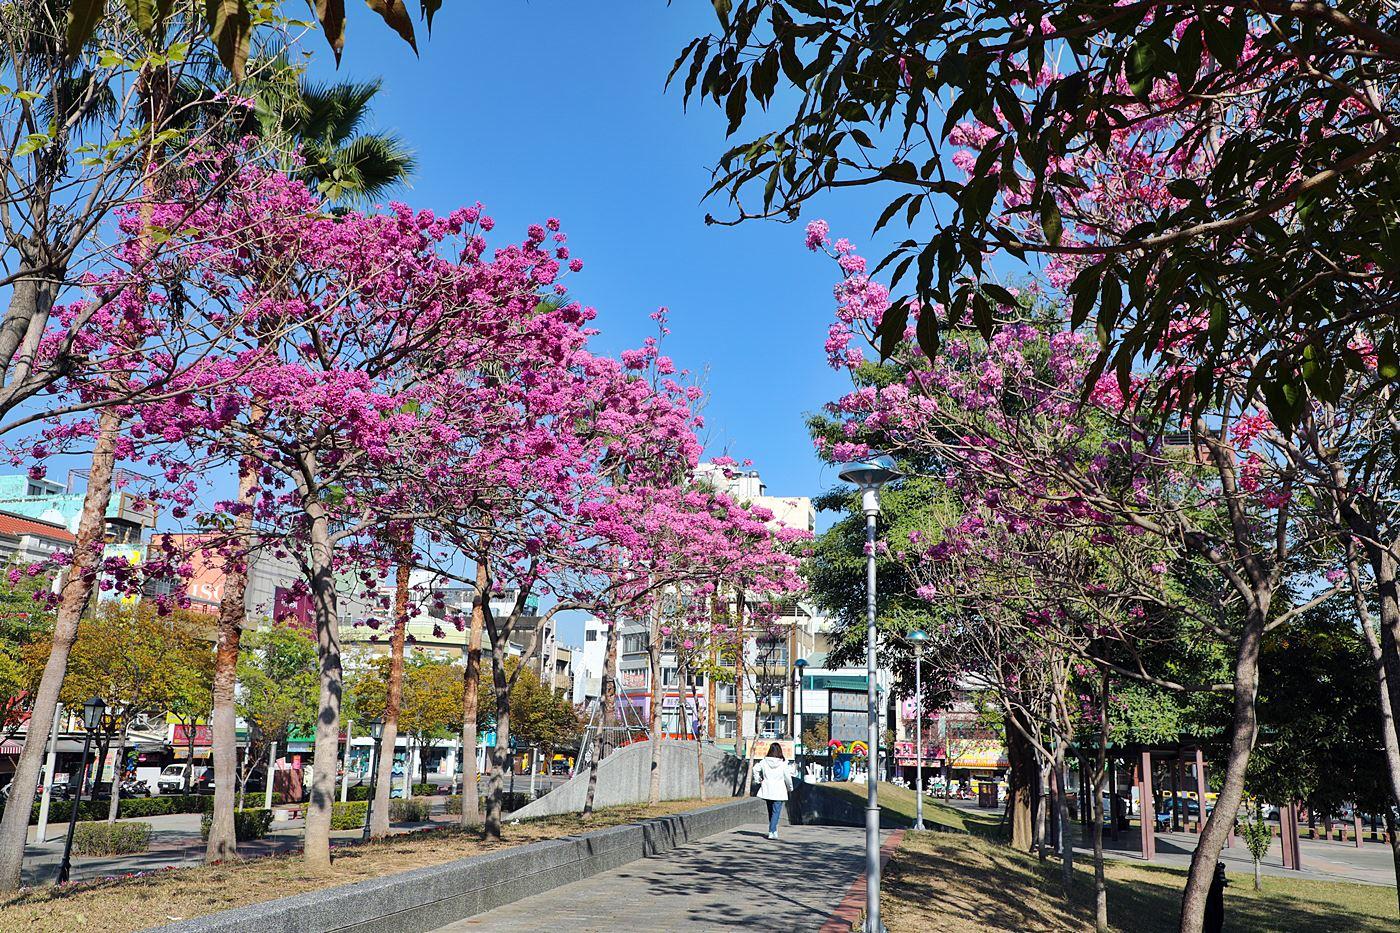 粉紅色的棉花糖花海!洋紅風鈴木提早來中台灣報春